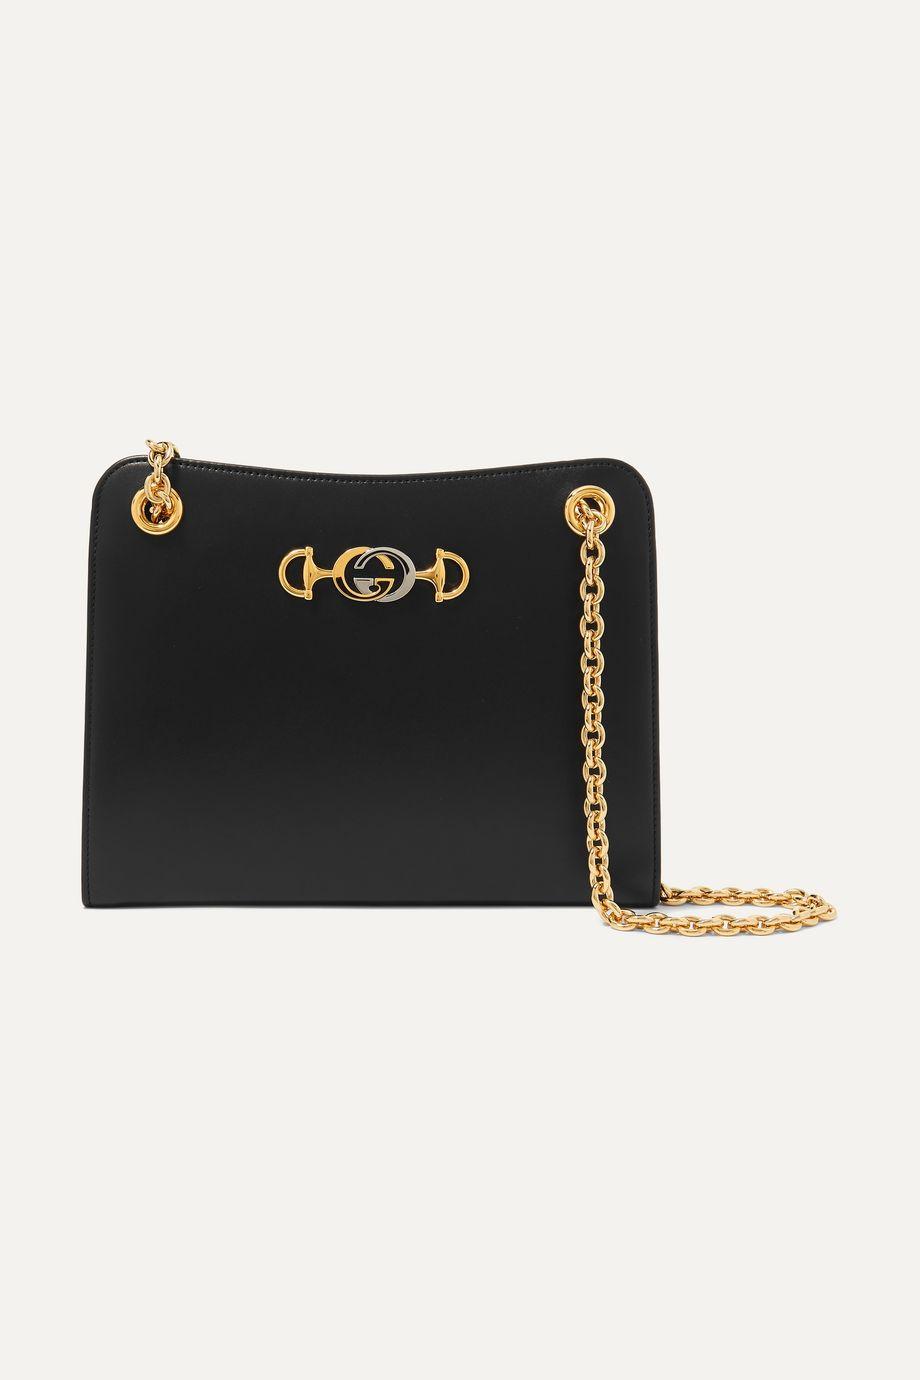 Gucci Zumi Schultertasche aus Leder mit Verzierung